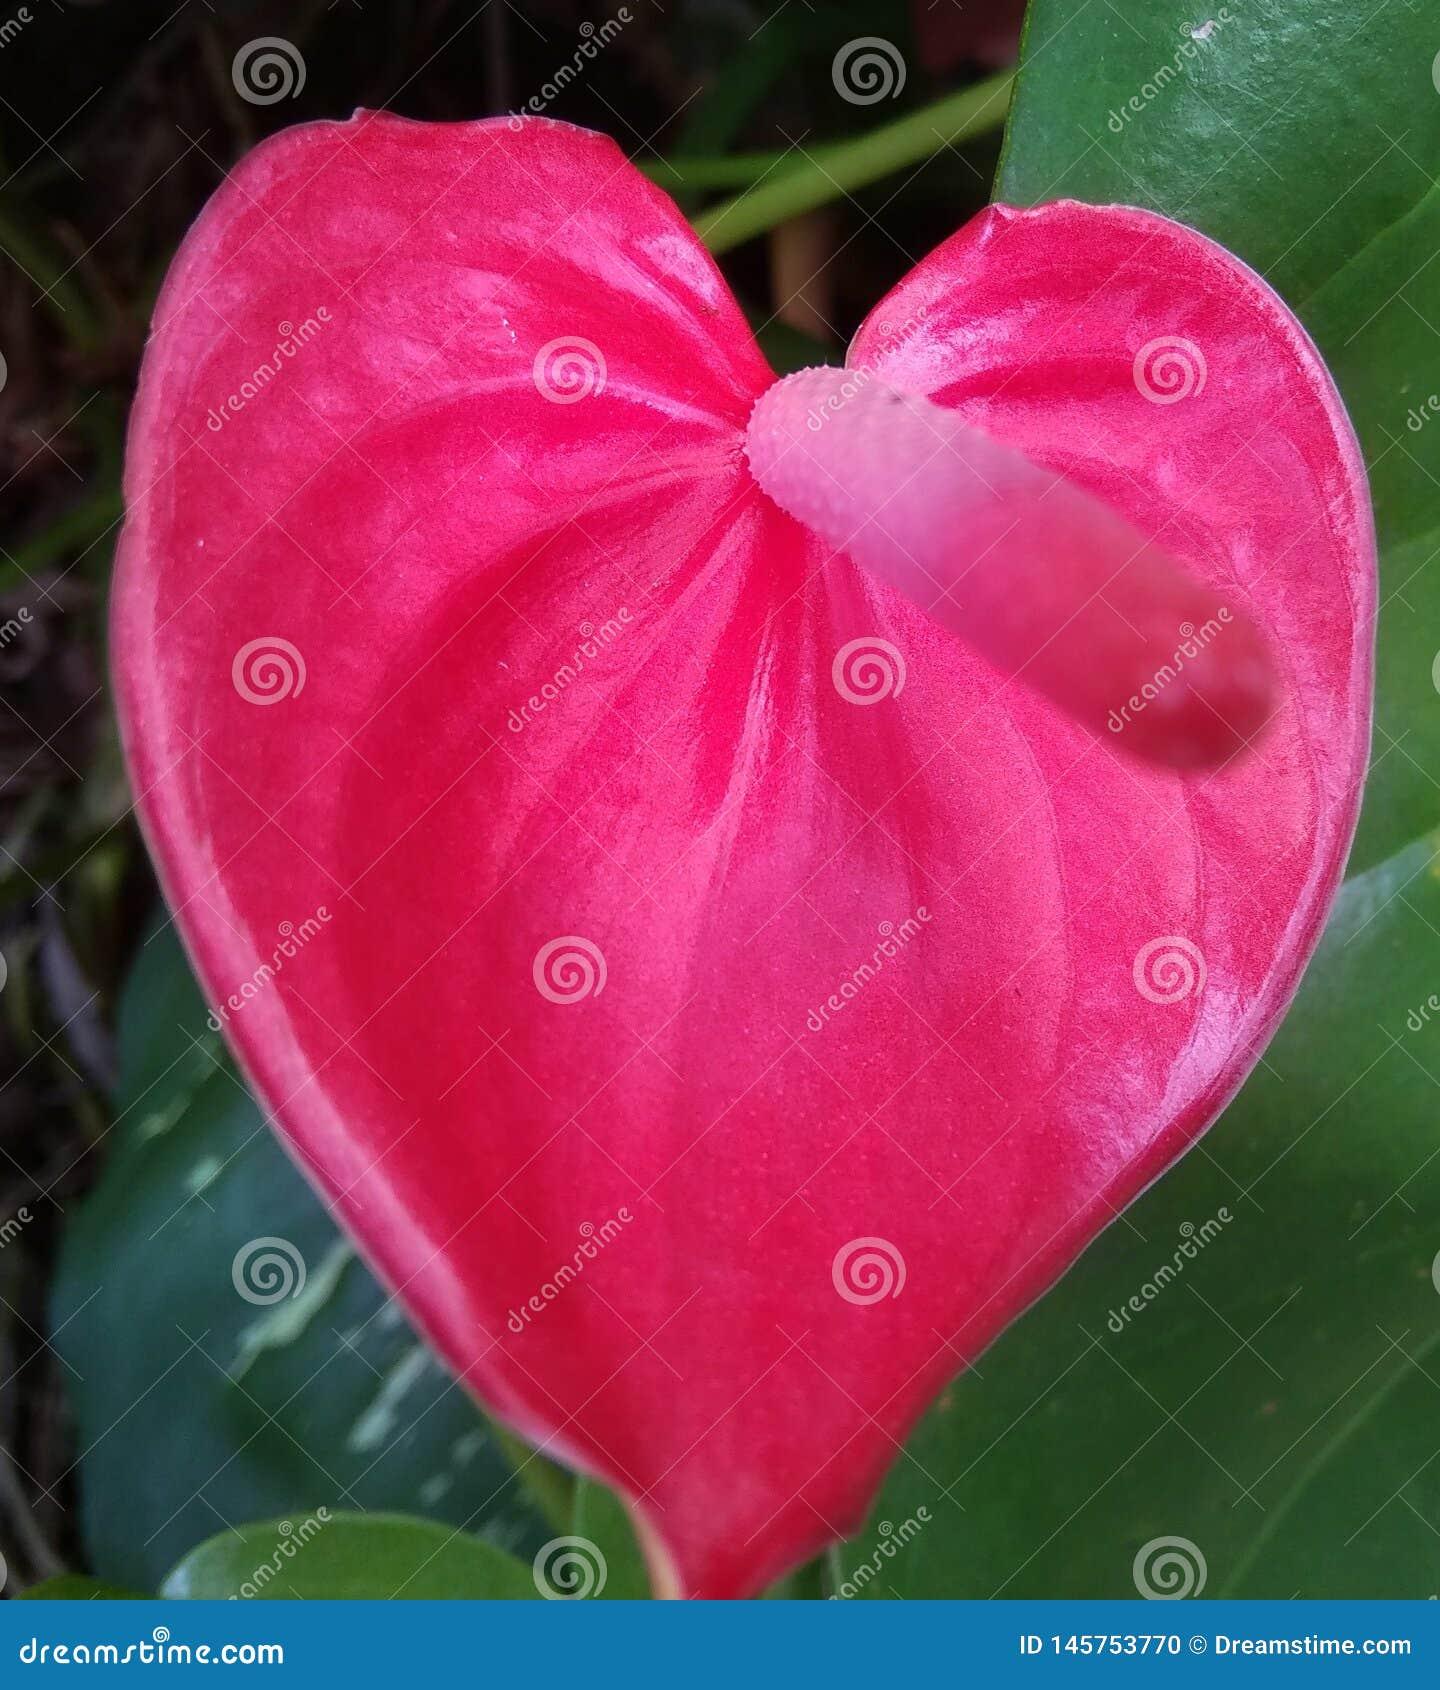 Paysage naturel des fleurs rouges qui sont belles et appropriées aux papiers peints